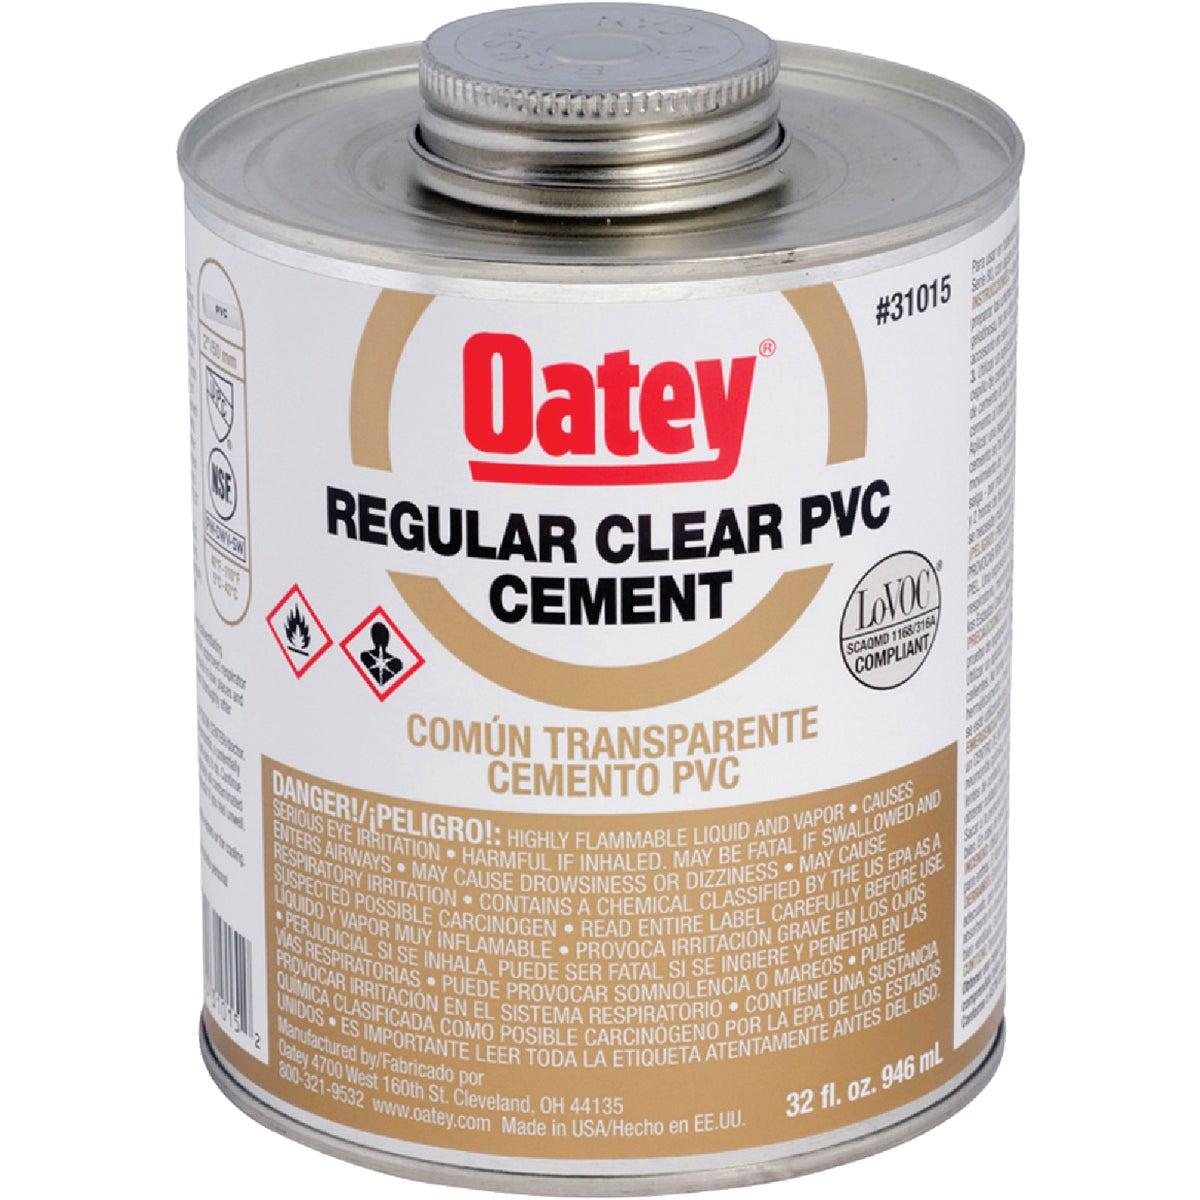 Oatey QUART PVC CEMENT 31015